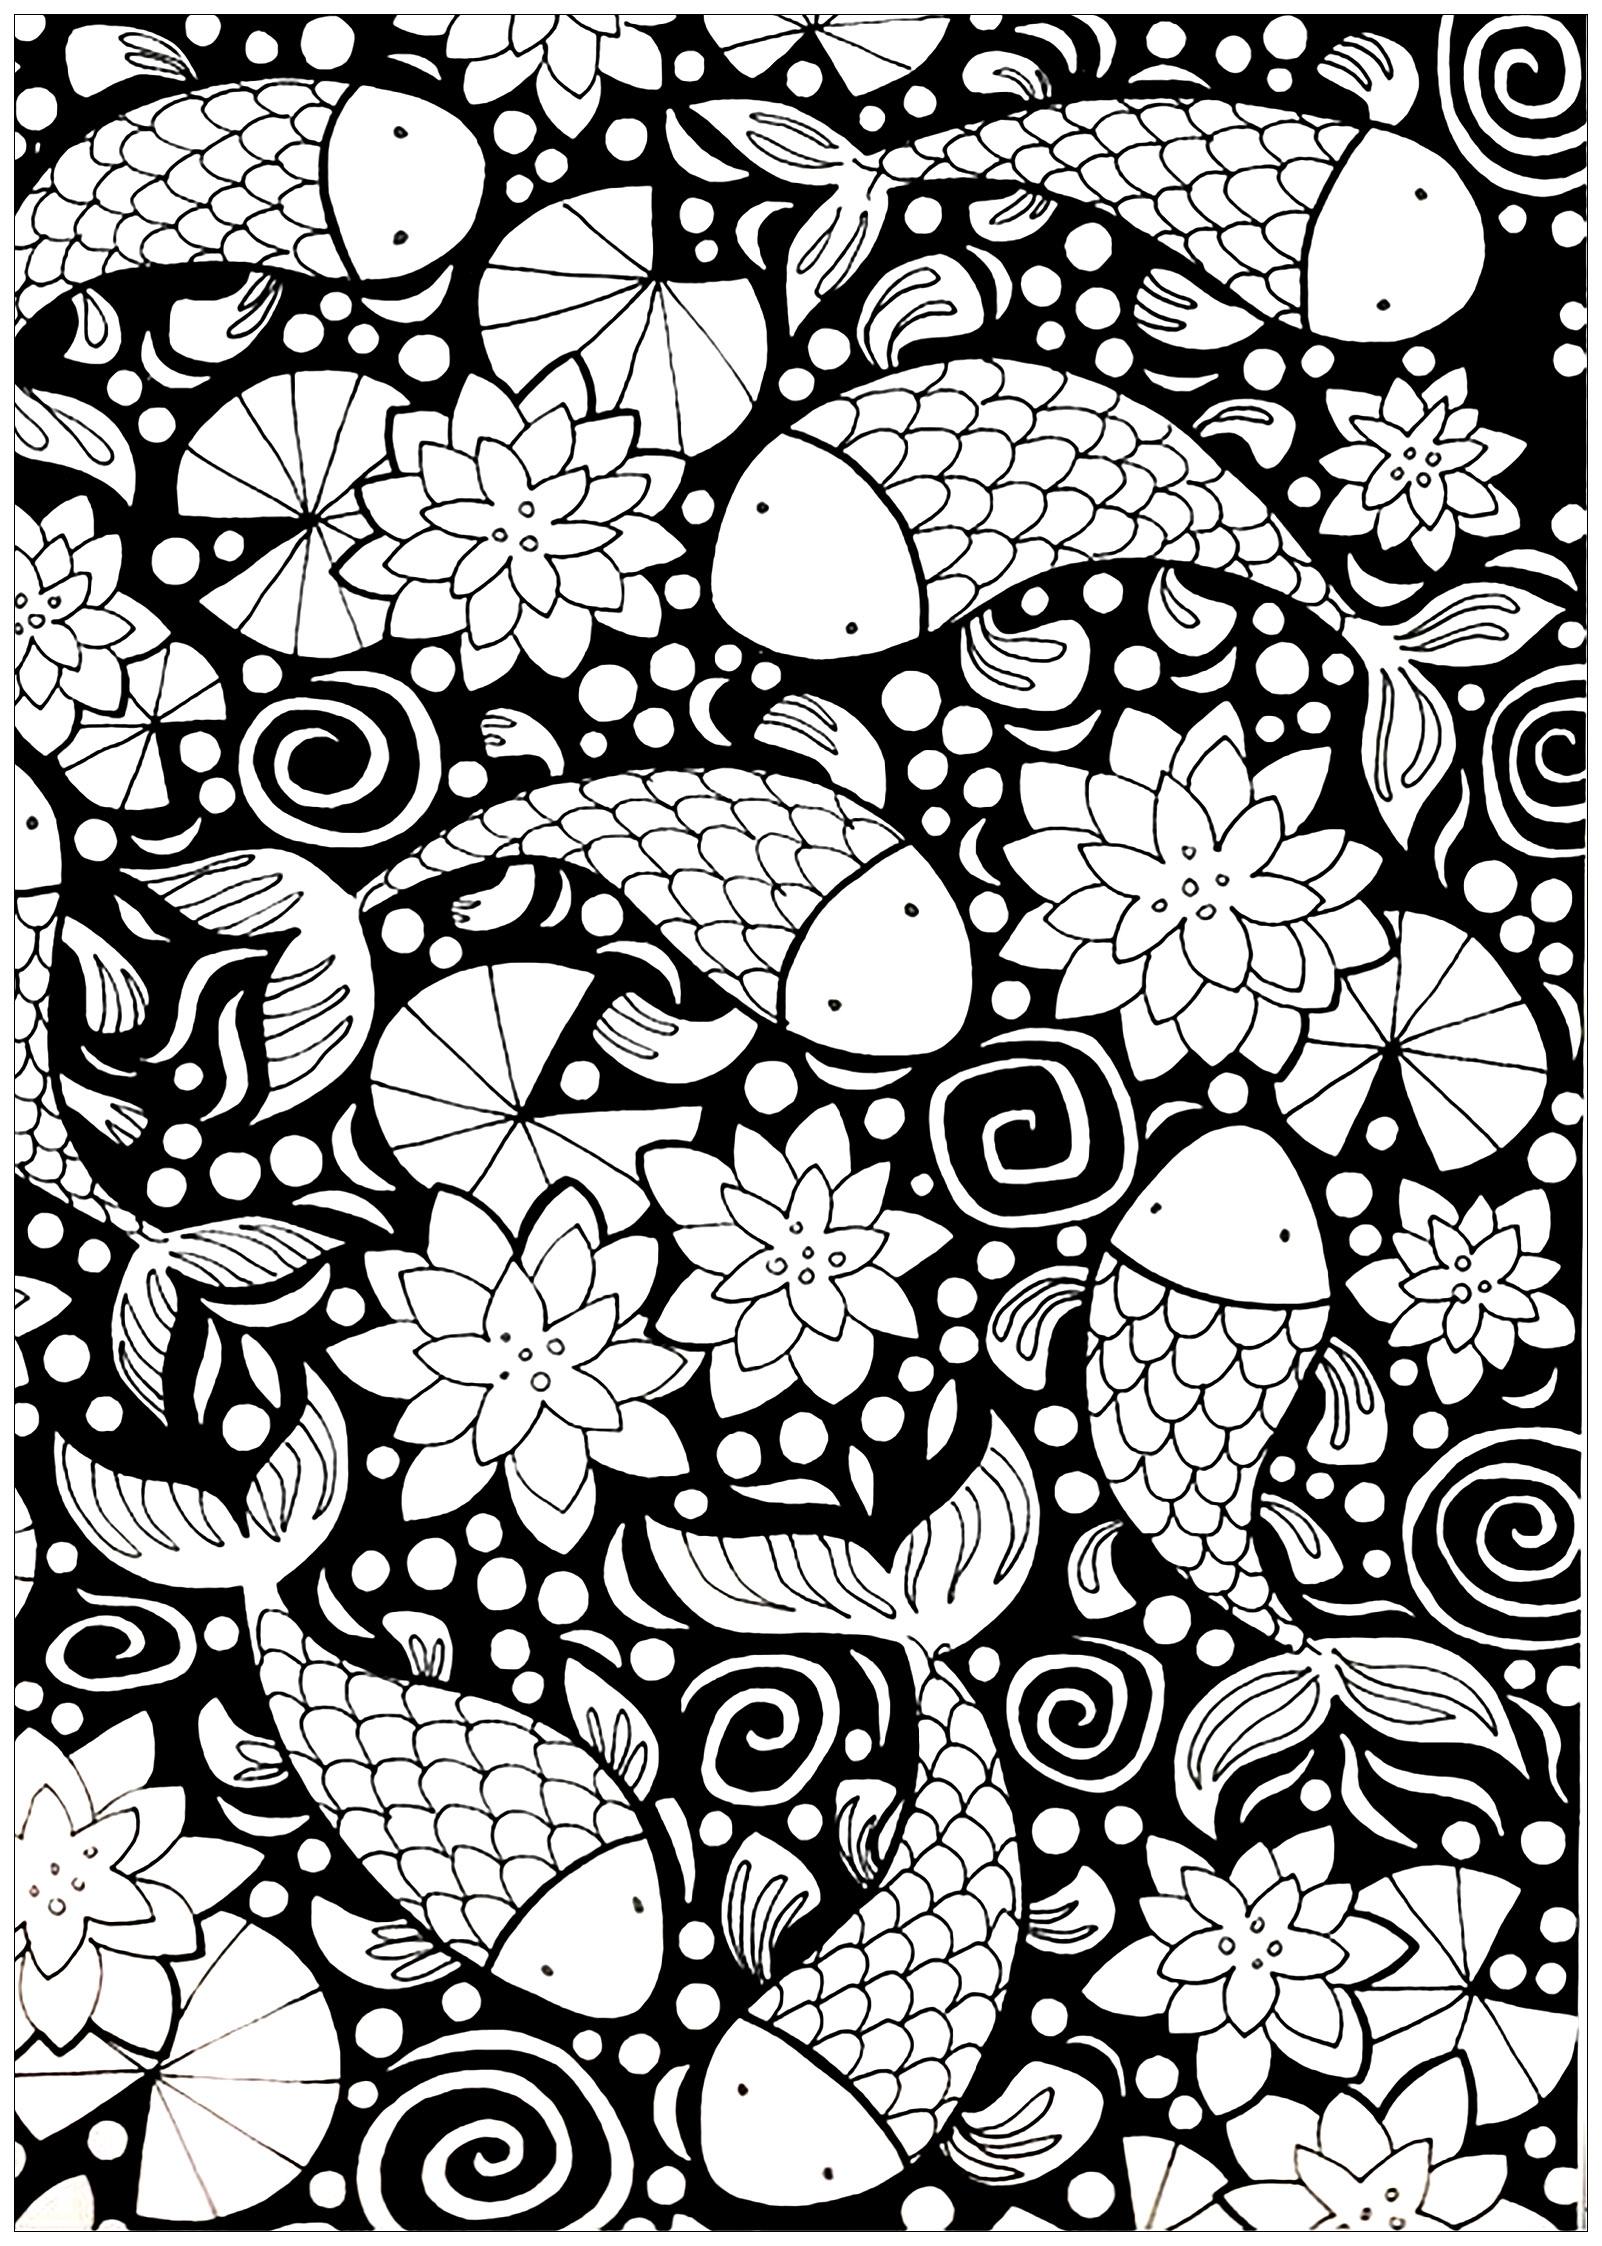 Poissons sur un fond noir coloriage de poissons - Dessin fond noir ...